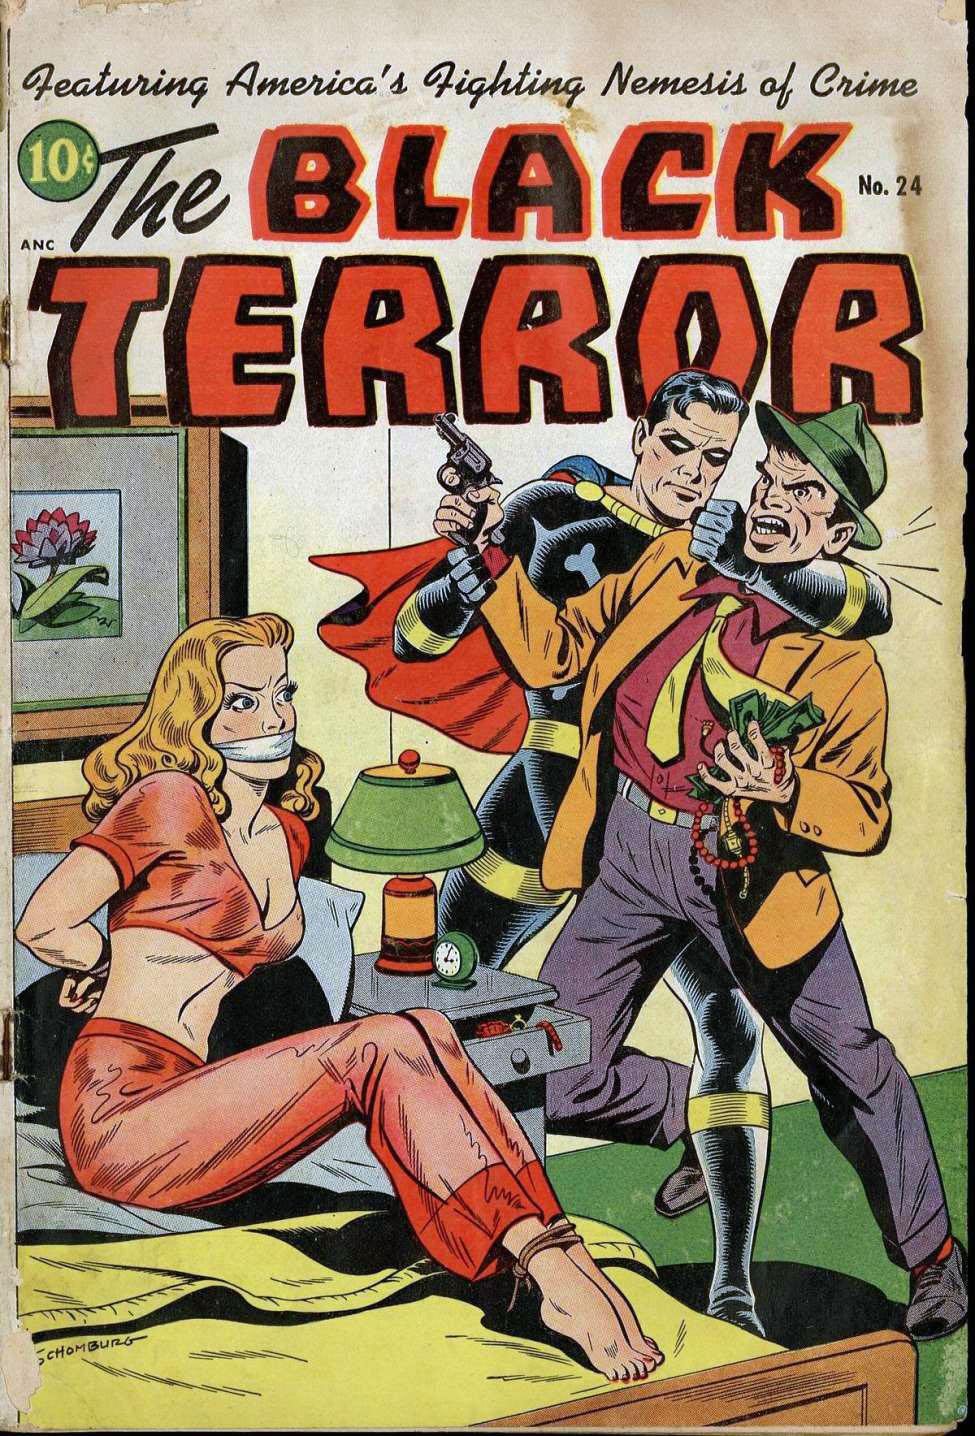 The Black Terror #24, Pines